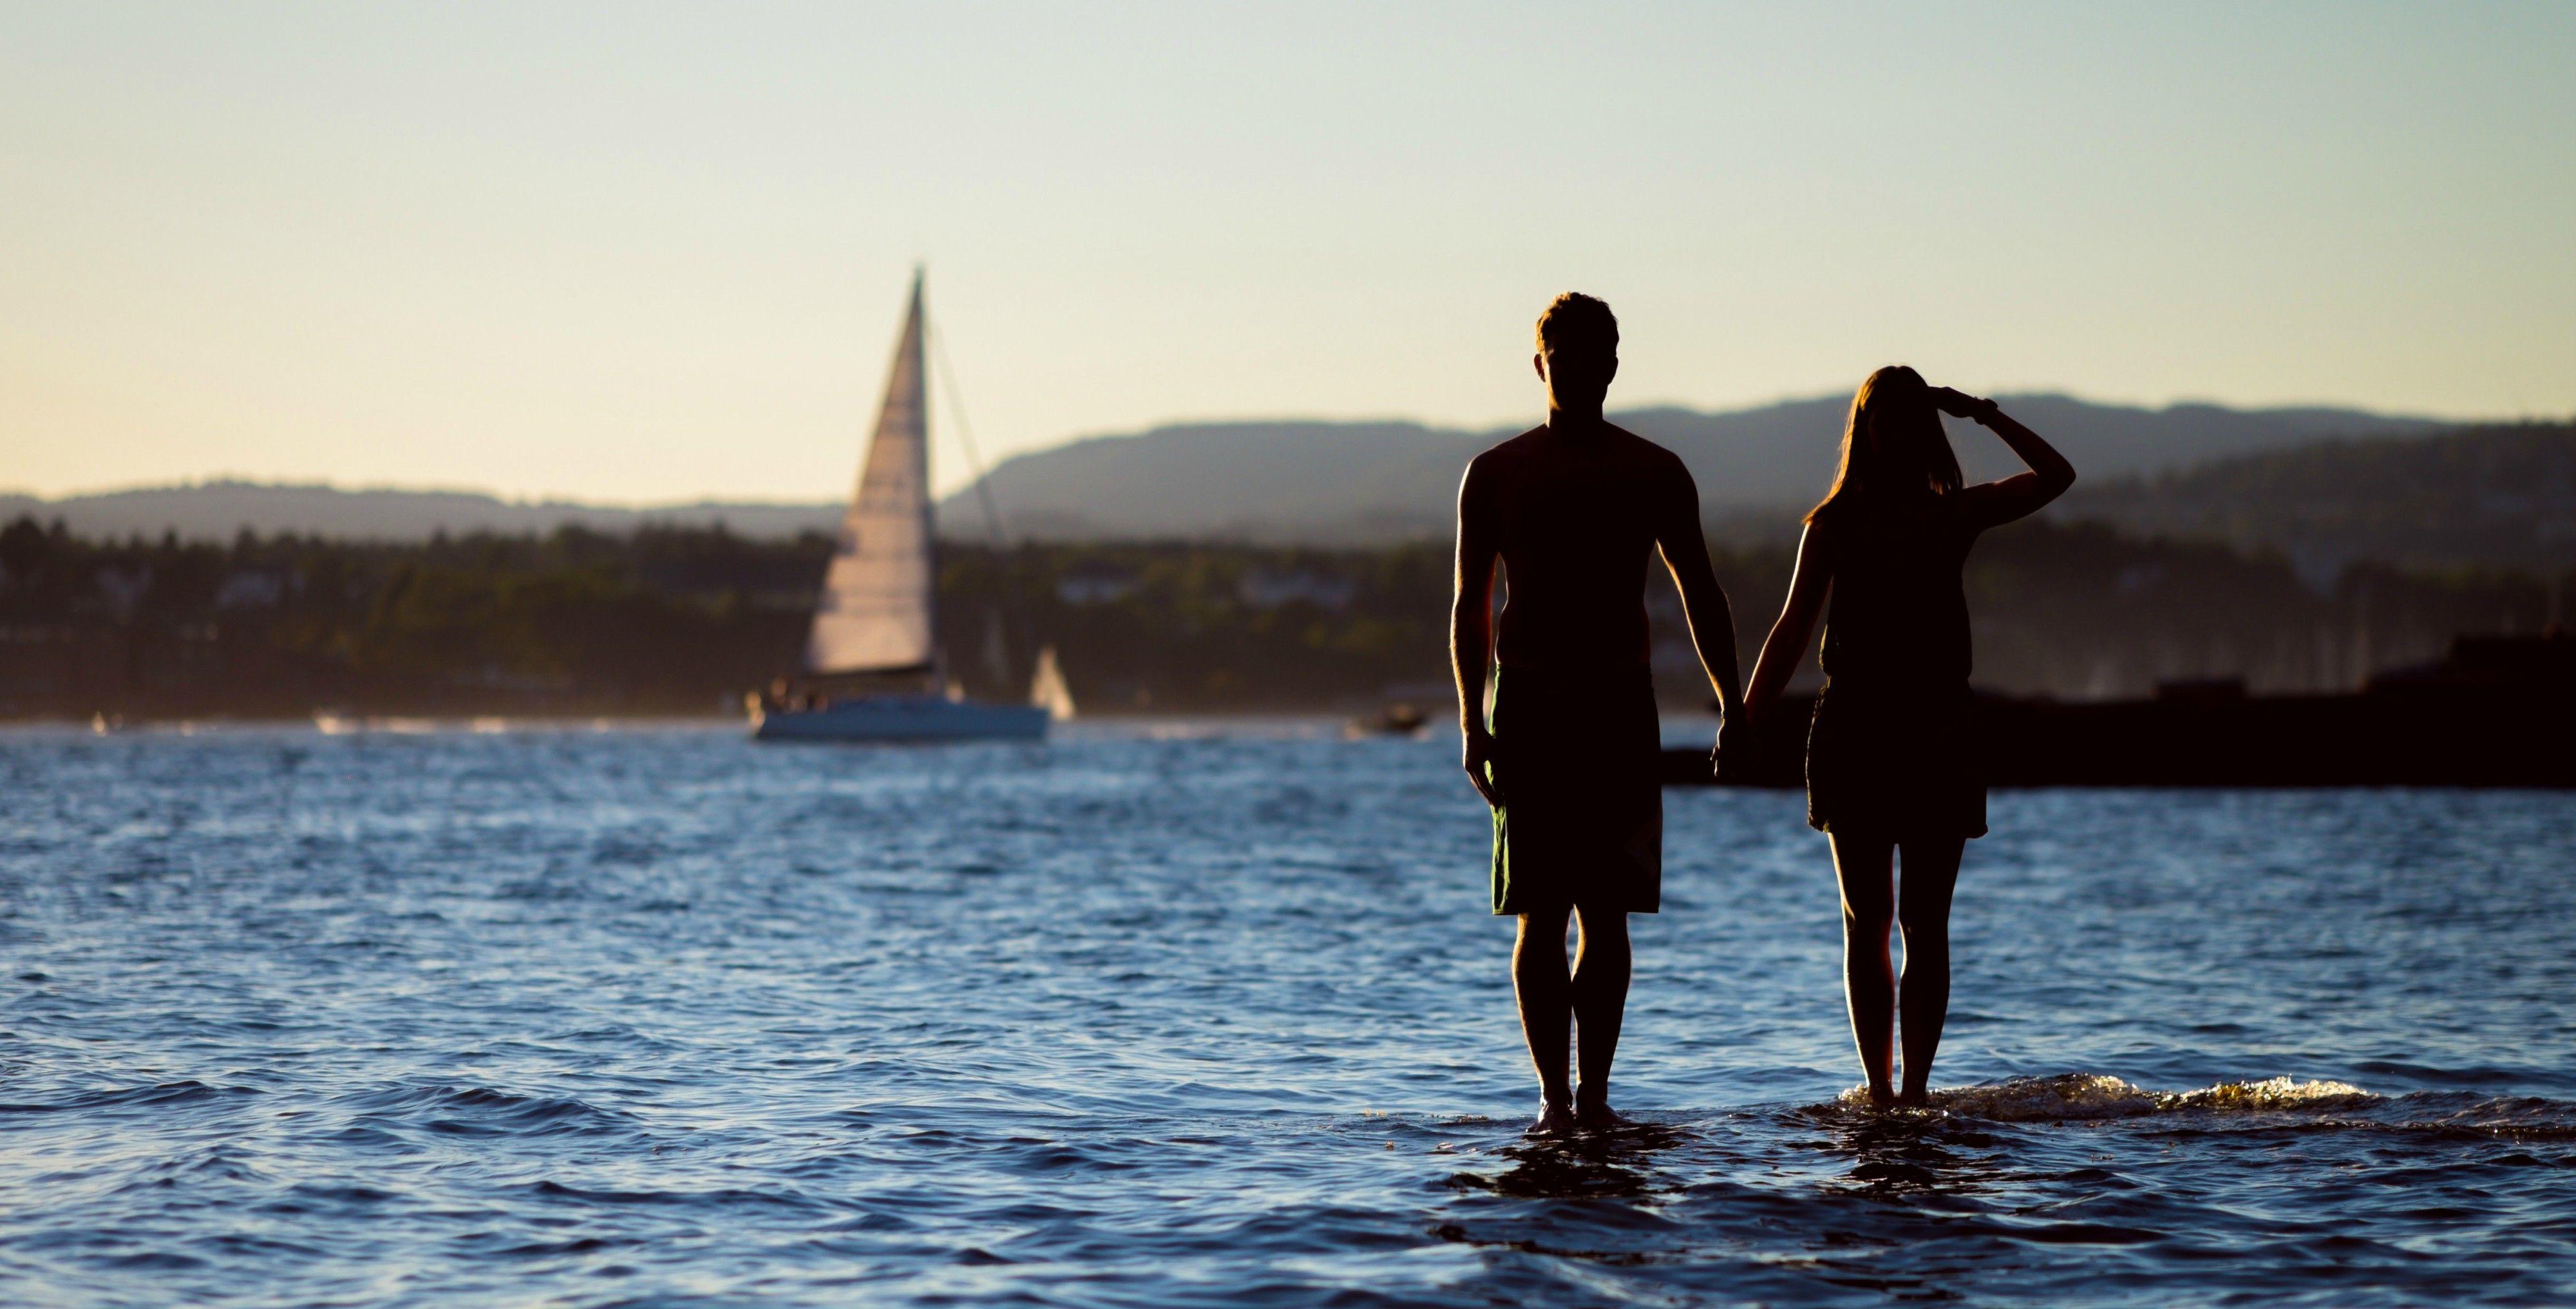 Et par står i strandkantene og ser utover havet